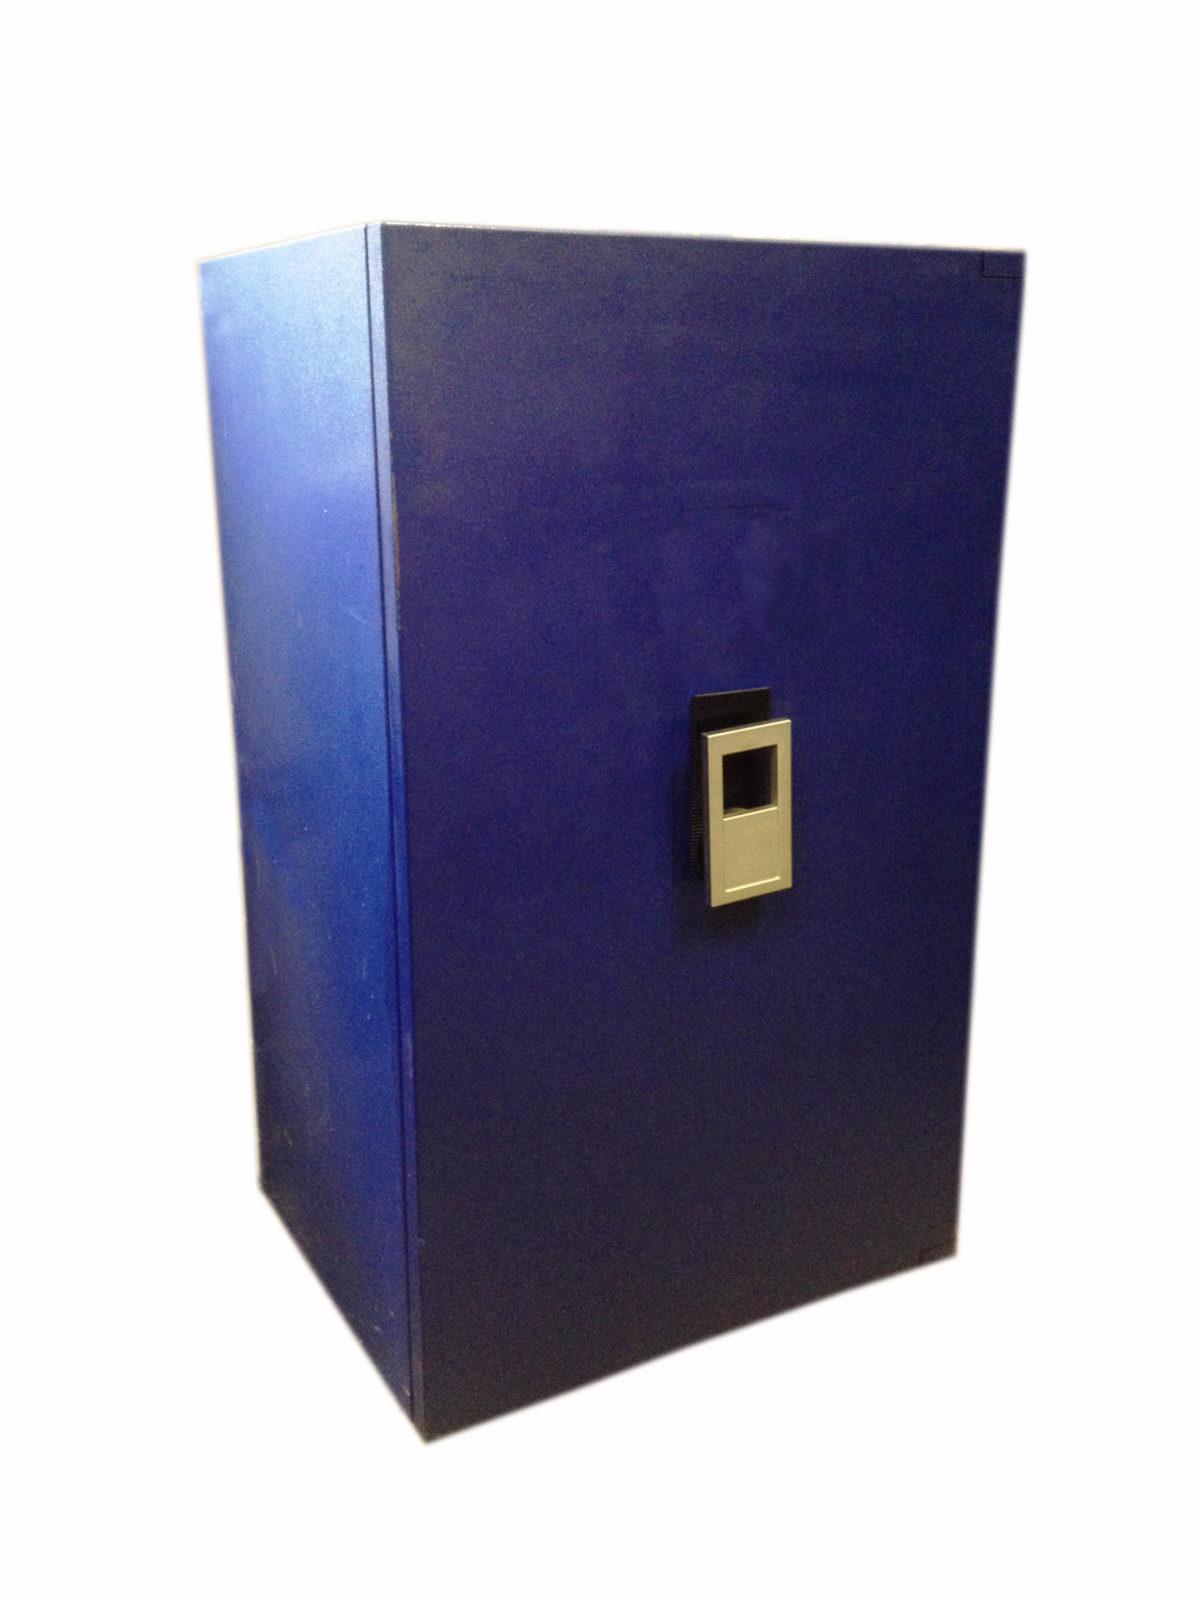 Banktechsafe-KABA-Varrit RA 70R használt páncélszekrény